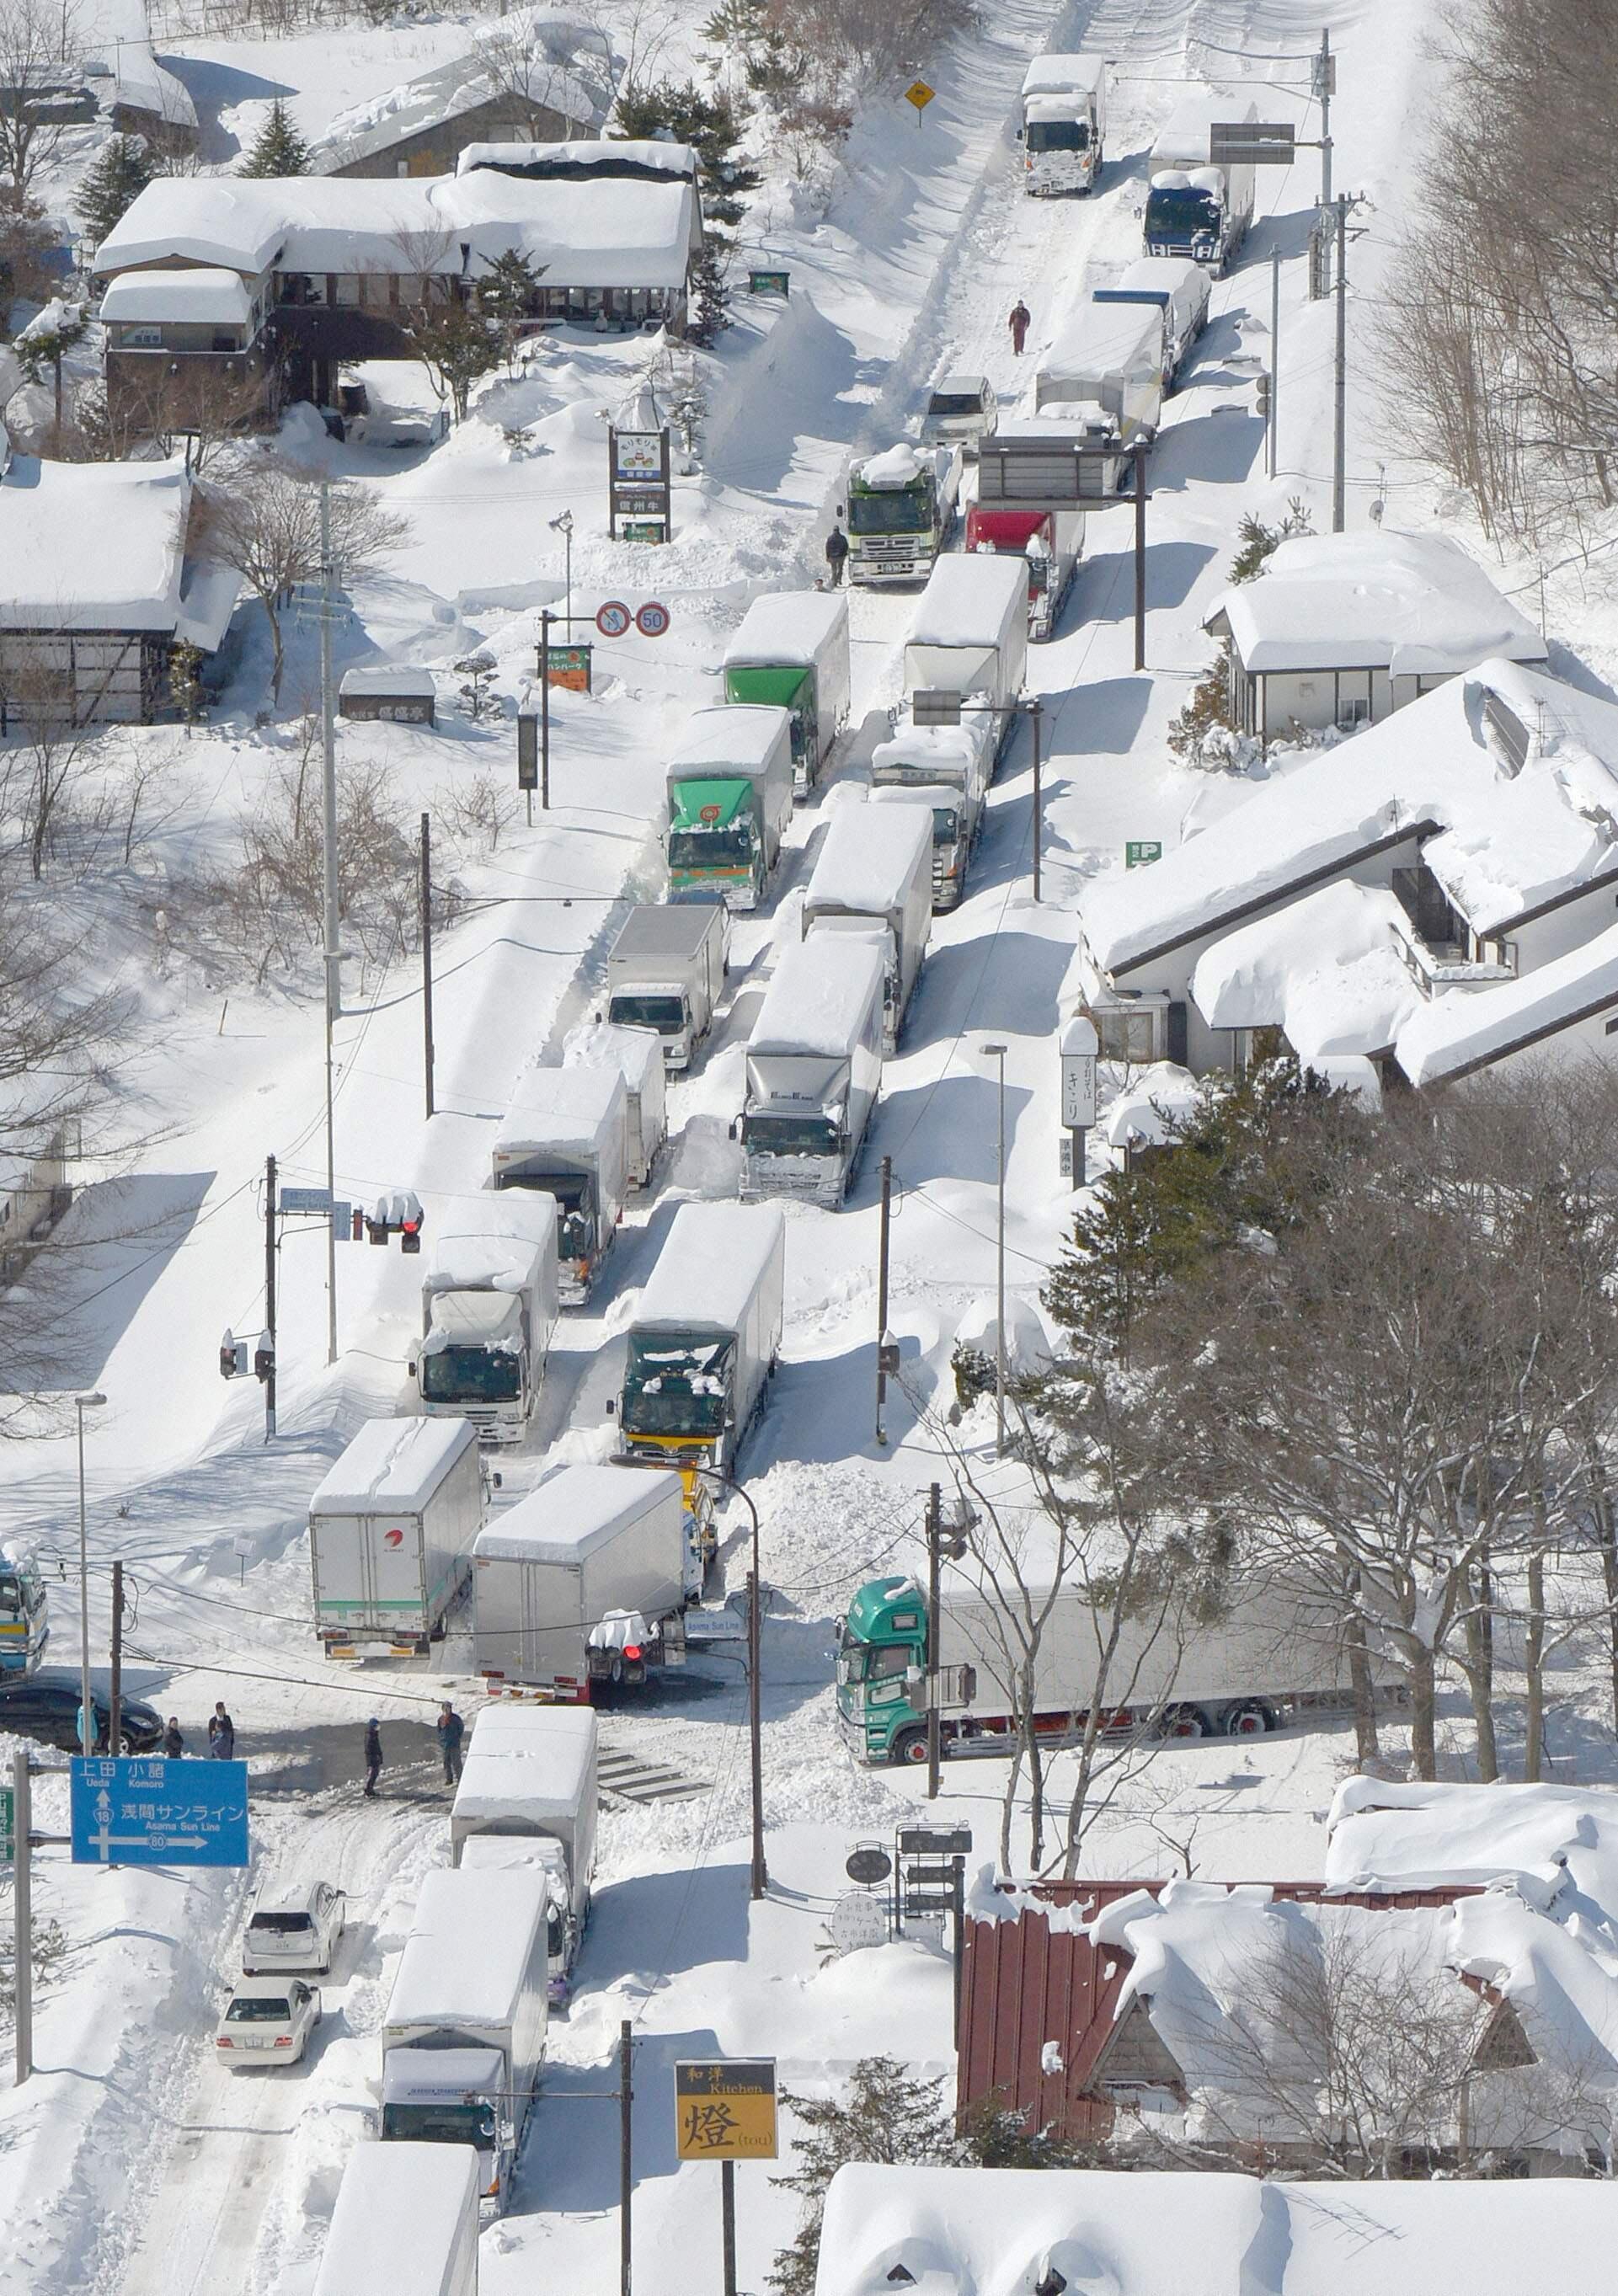 Caminhões estão bloqueados em estrada de Karuizawa, devido à neve neste domingo.